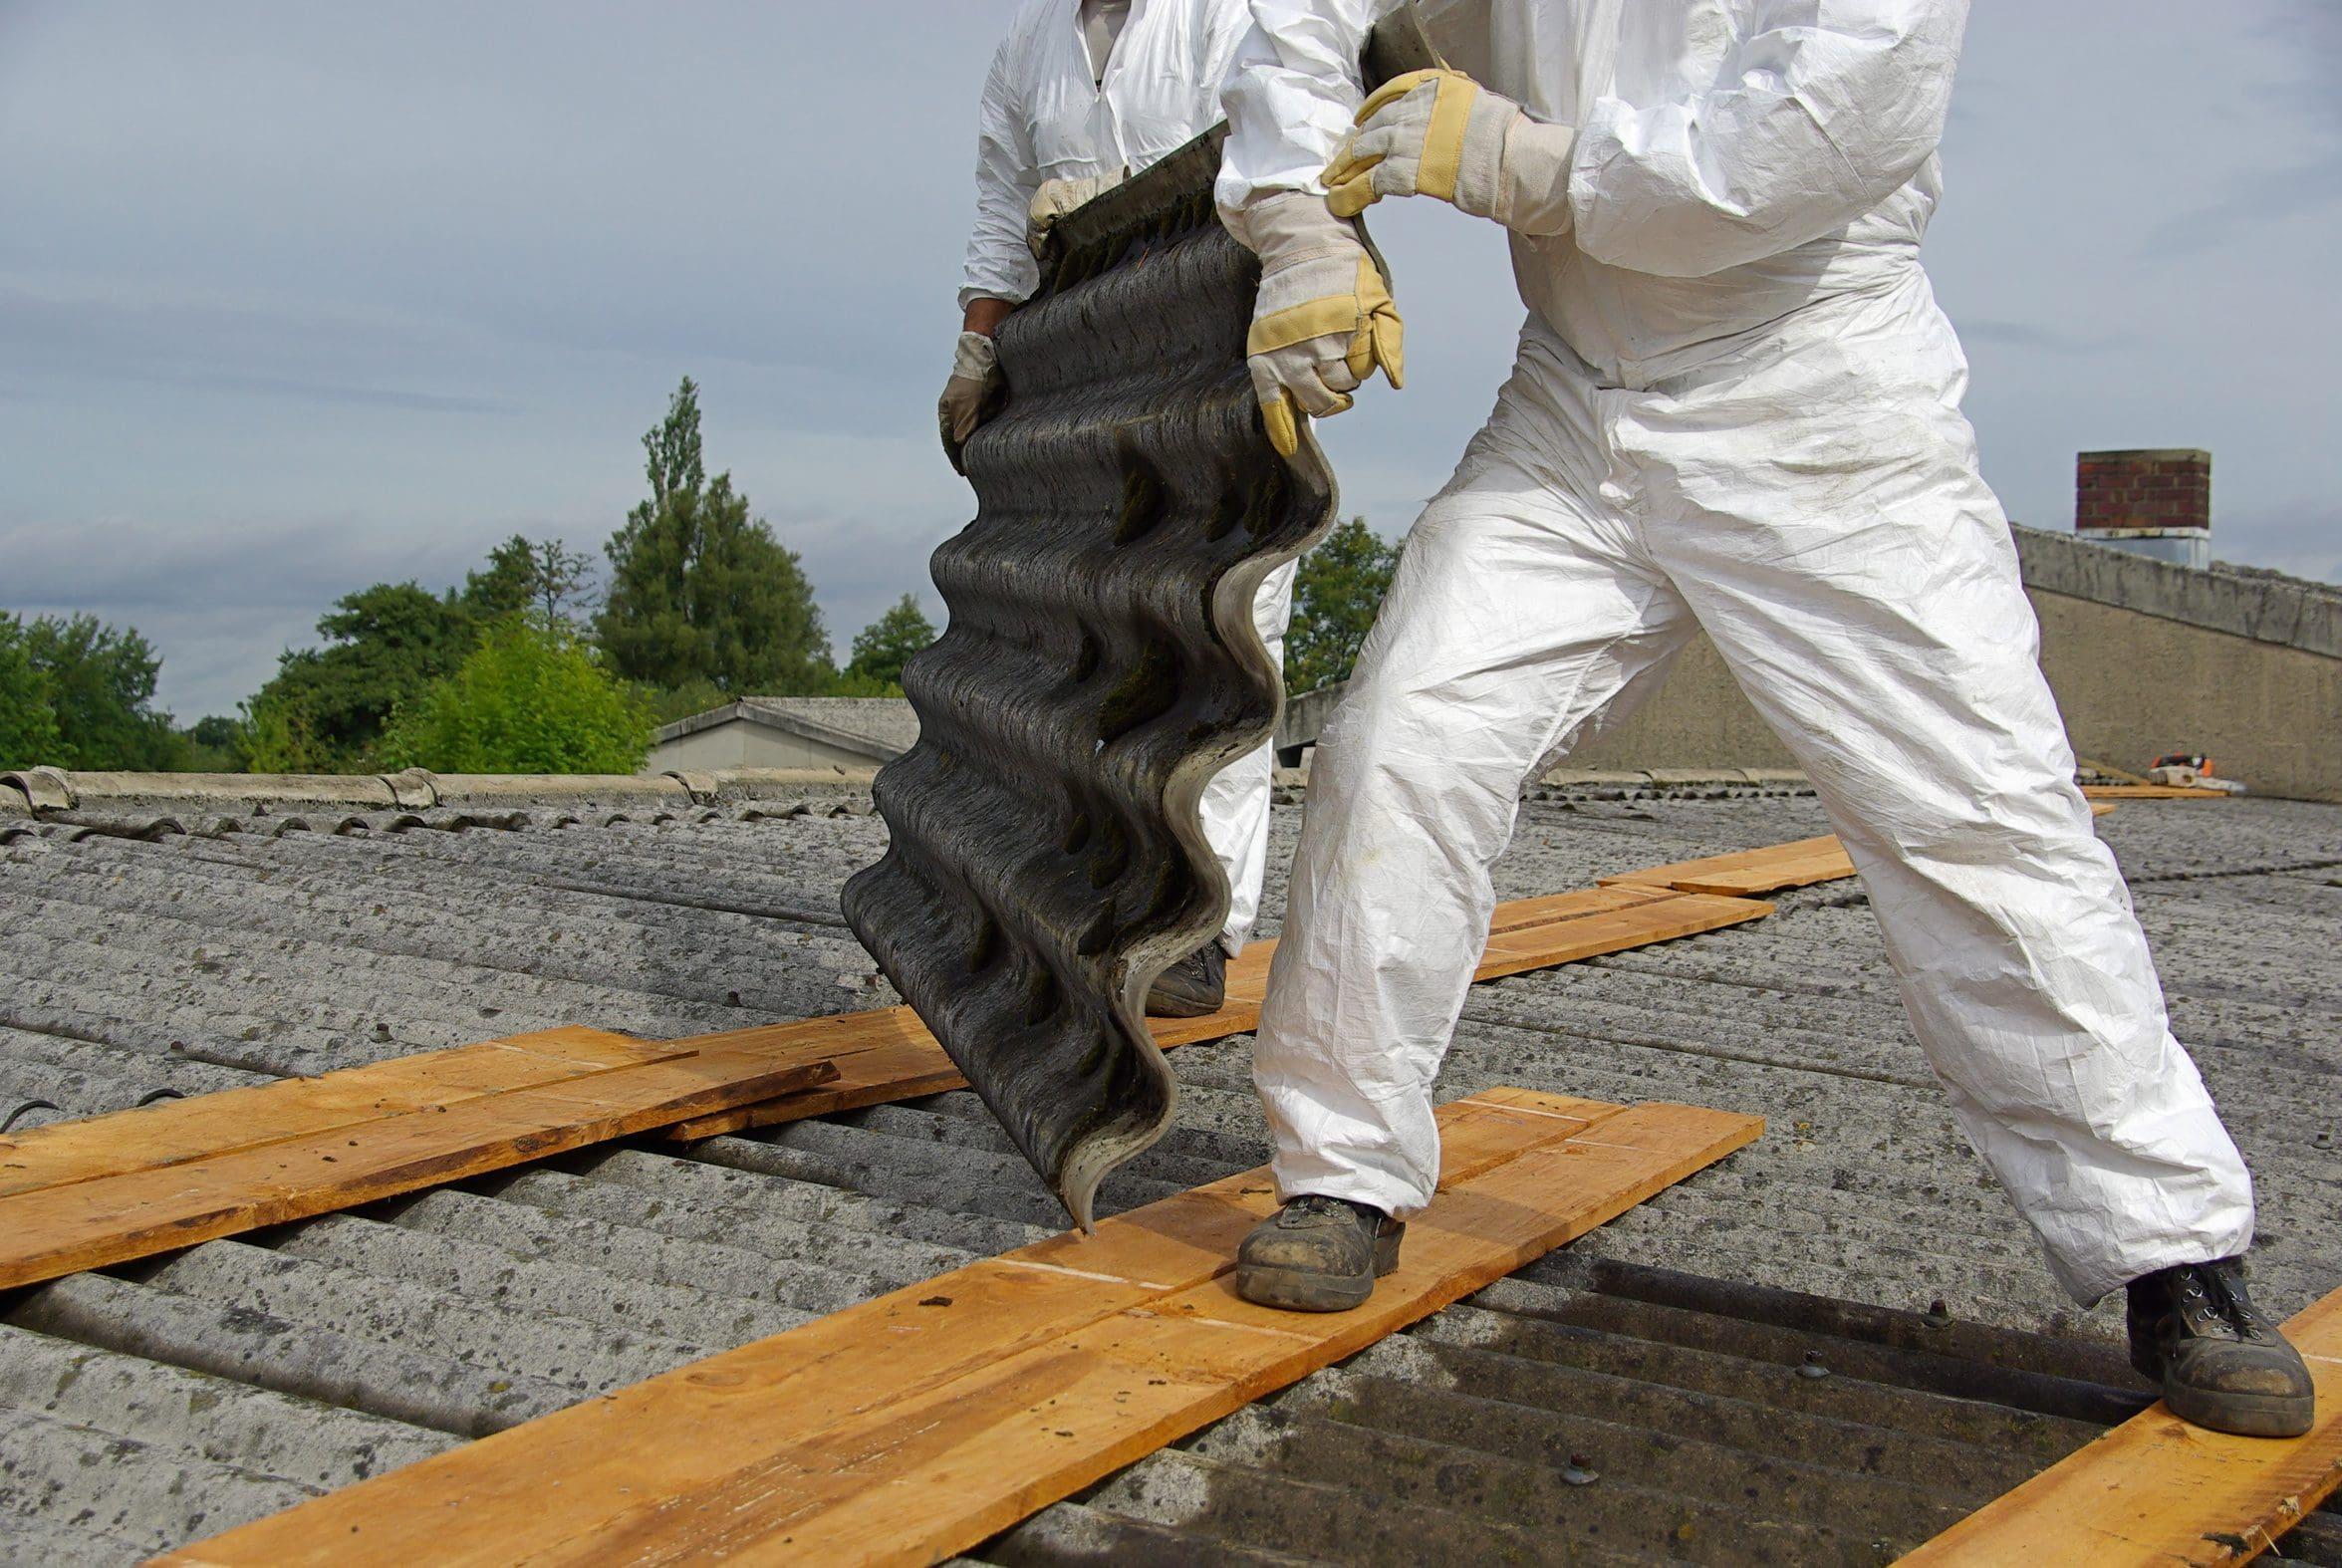 Detrazioni fiscali per bonifica amianto